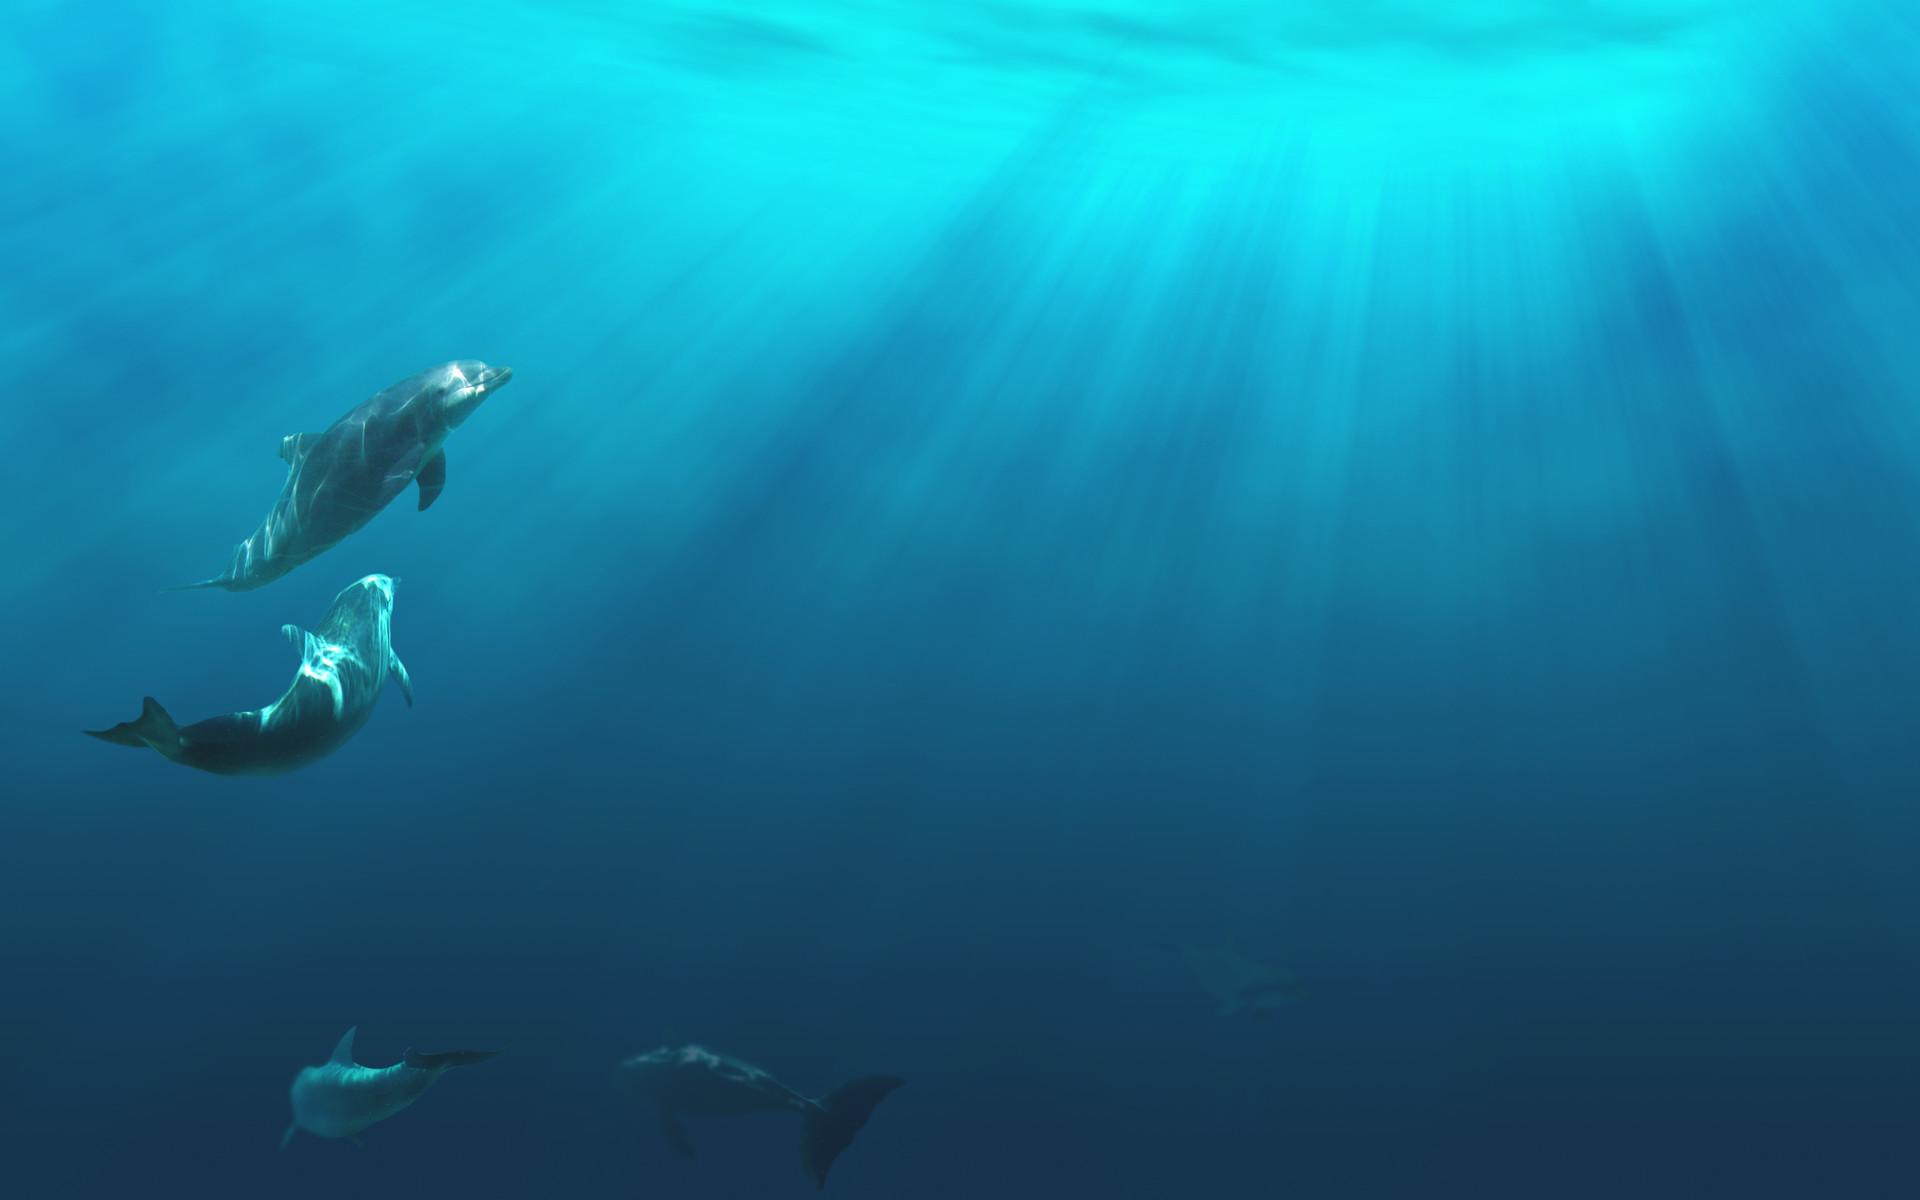 ocean life underwater ocean floor background ocean water background .